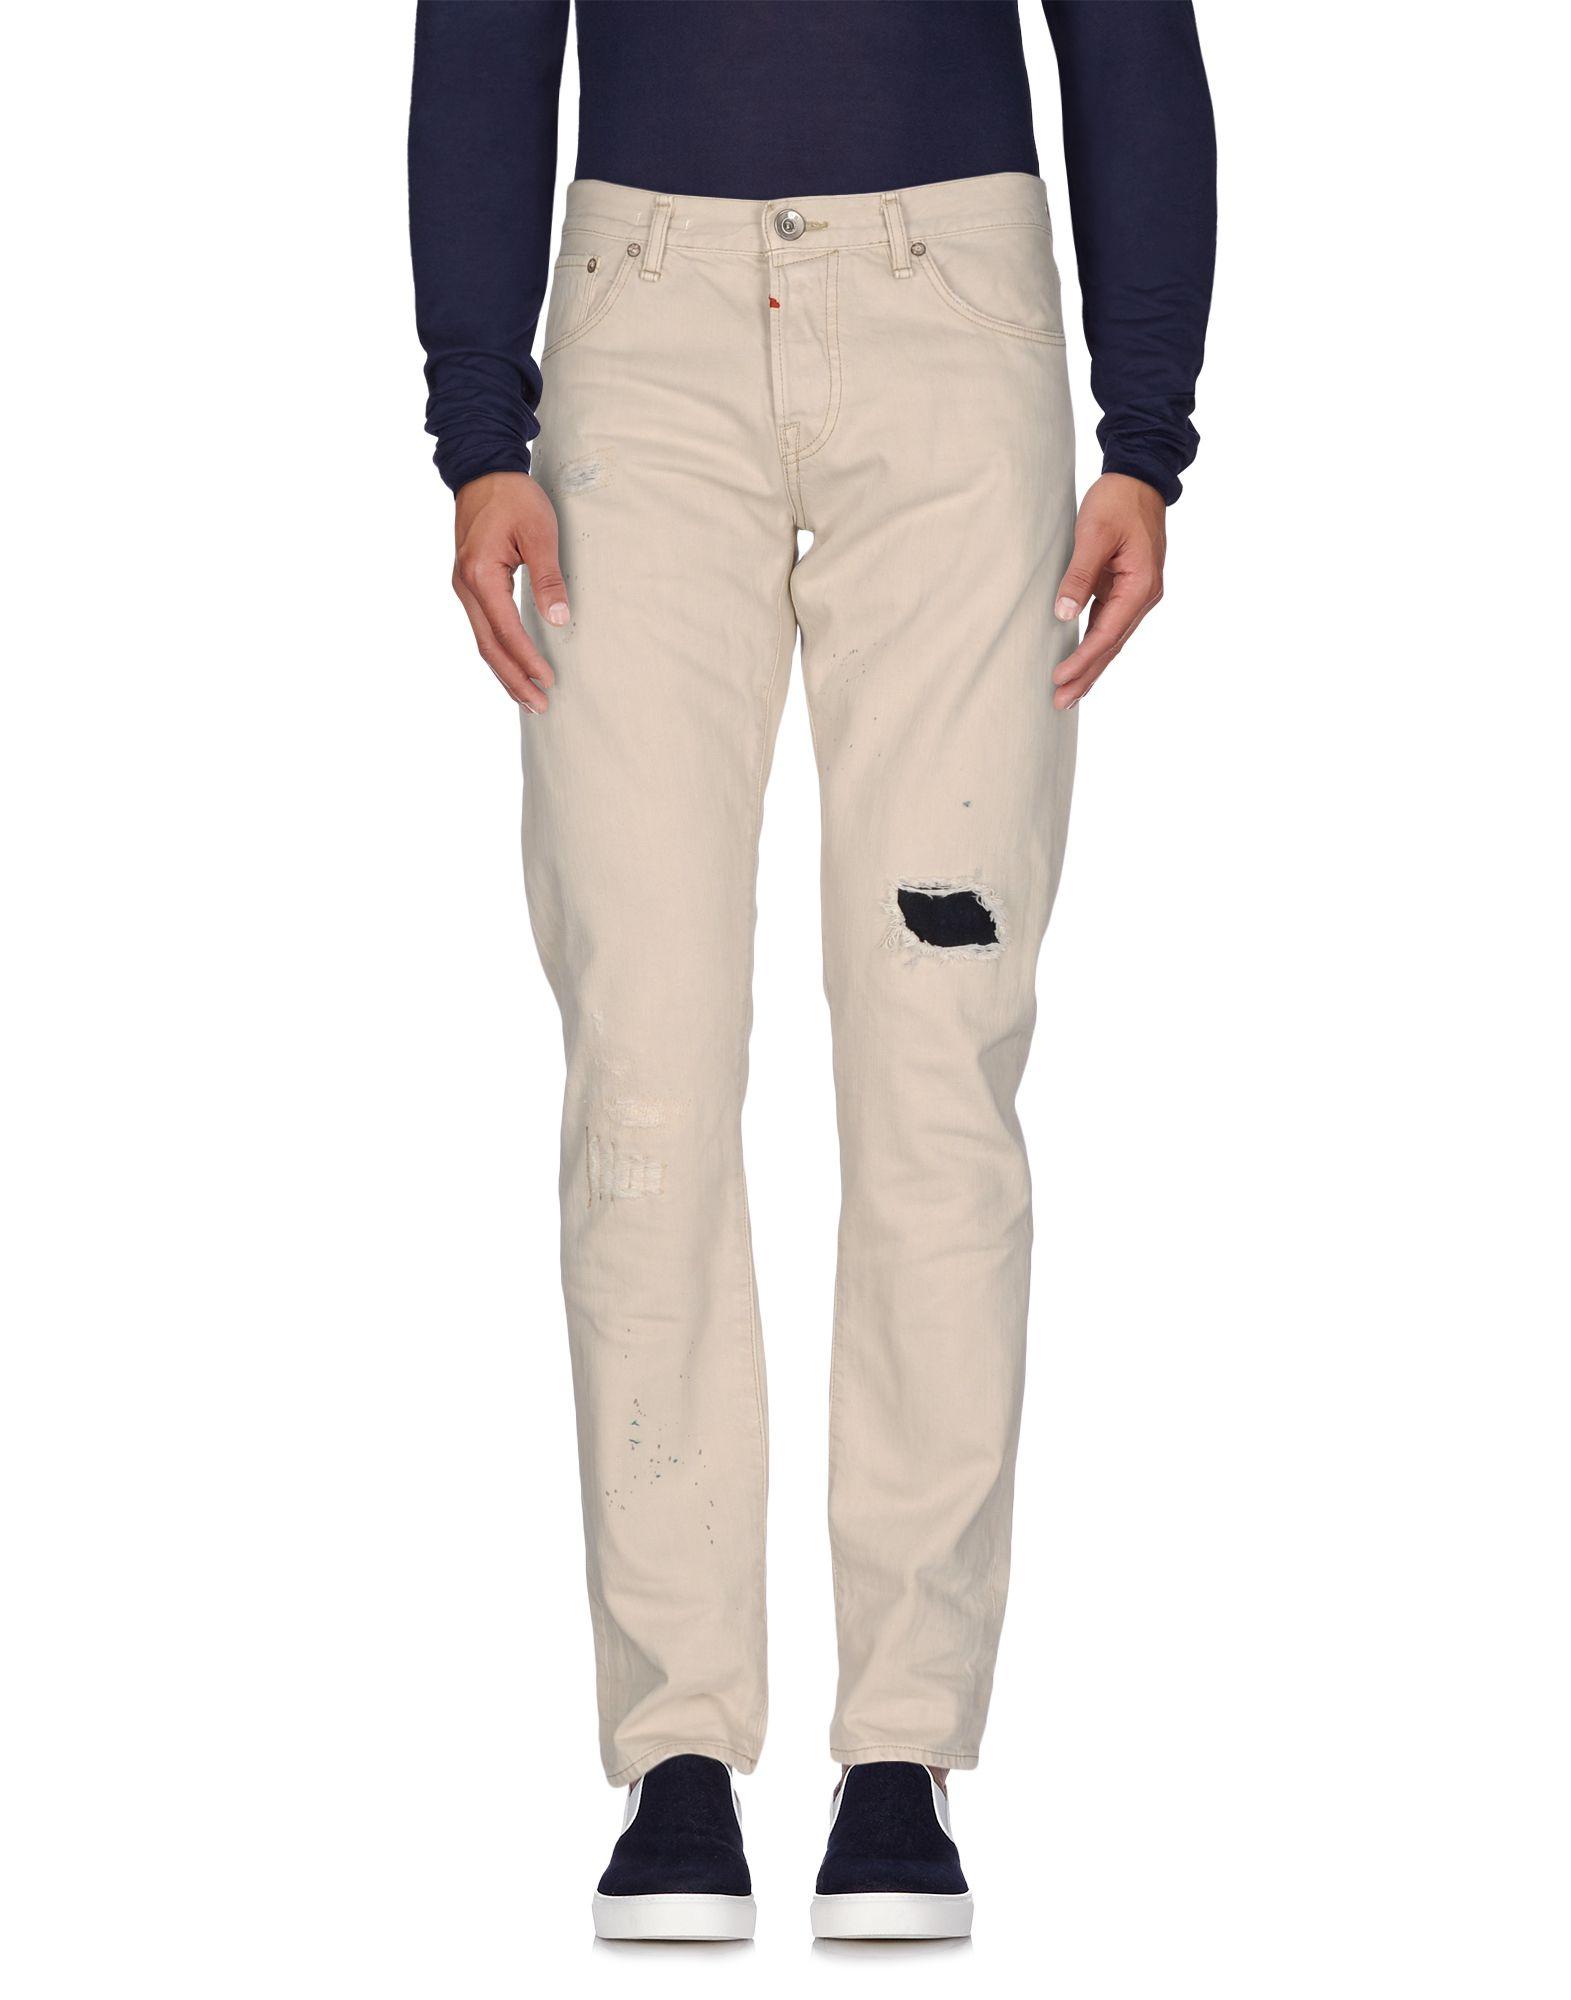 R.D.D. ROYAL DENIM DIVISION BY JACK & JONES Джинсовые брюки division minuscula mexico